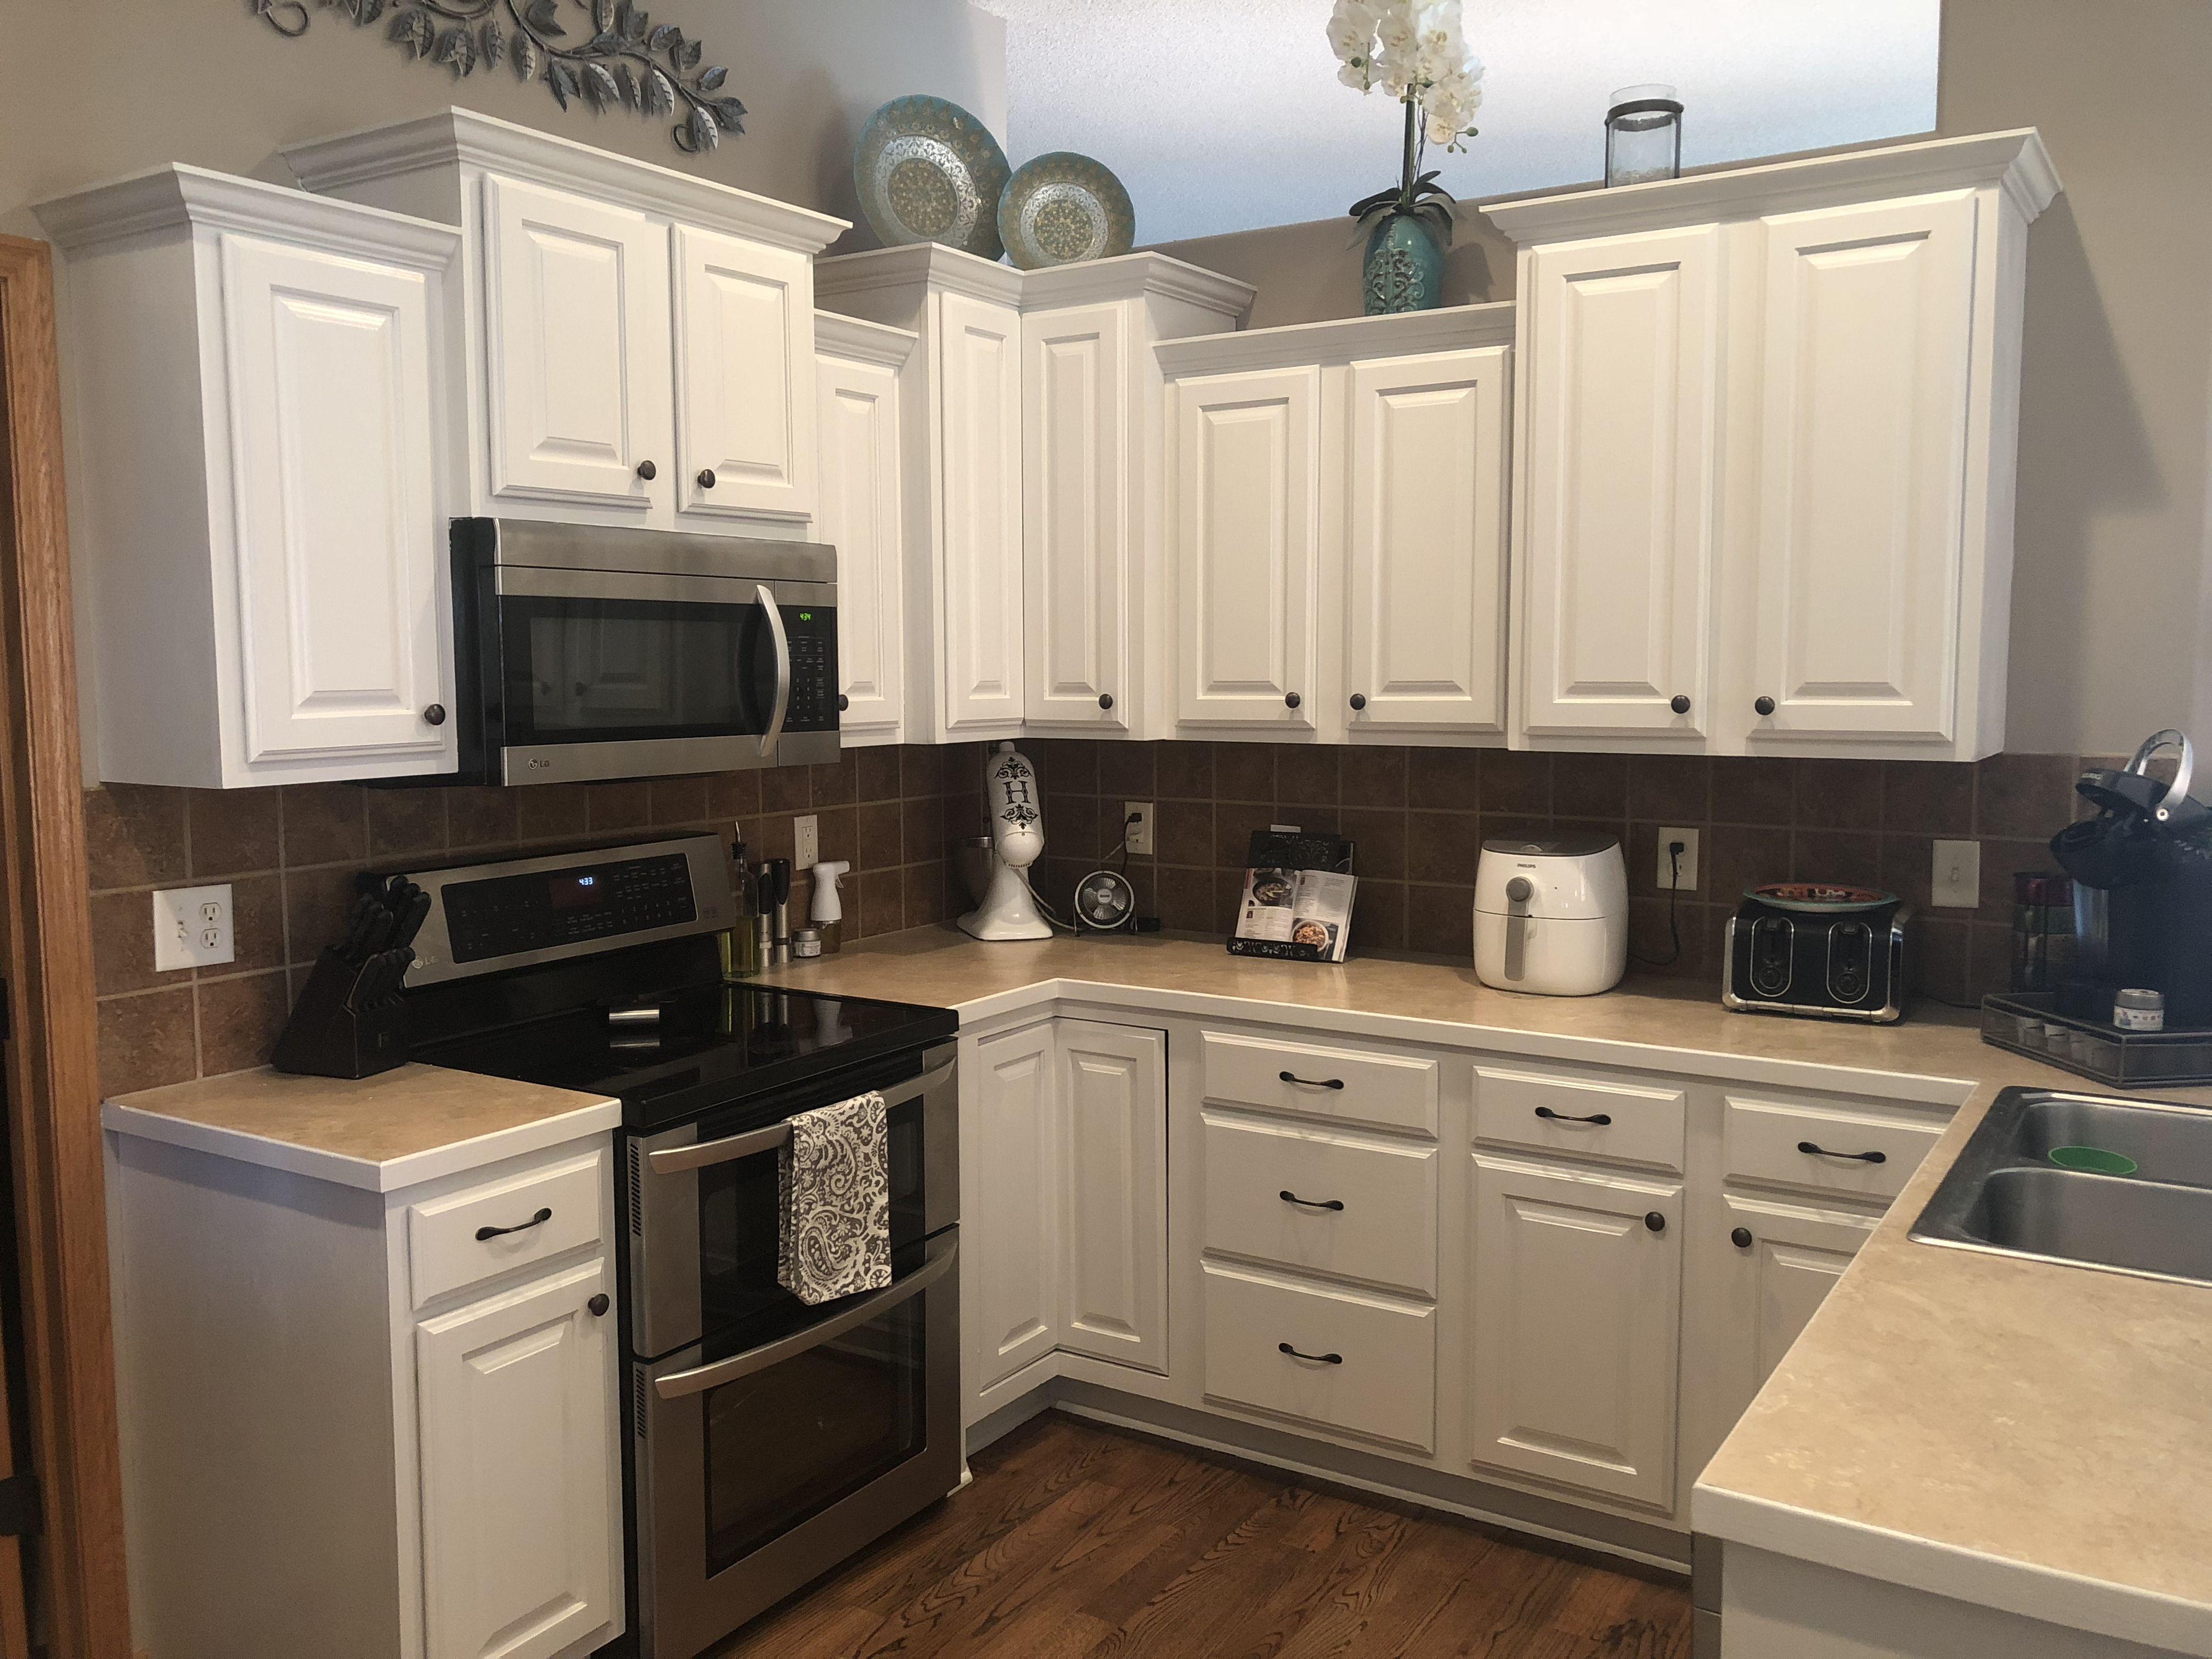 Updated kitchen Sherwin Williams Eider White